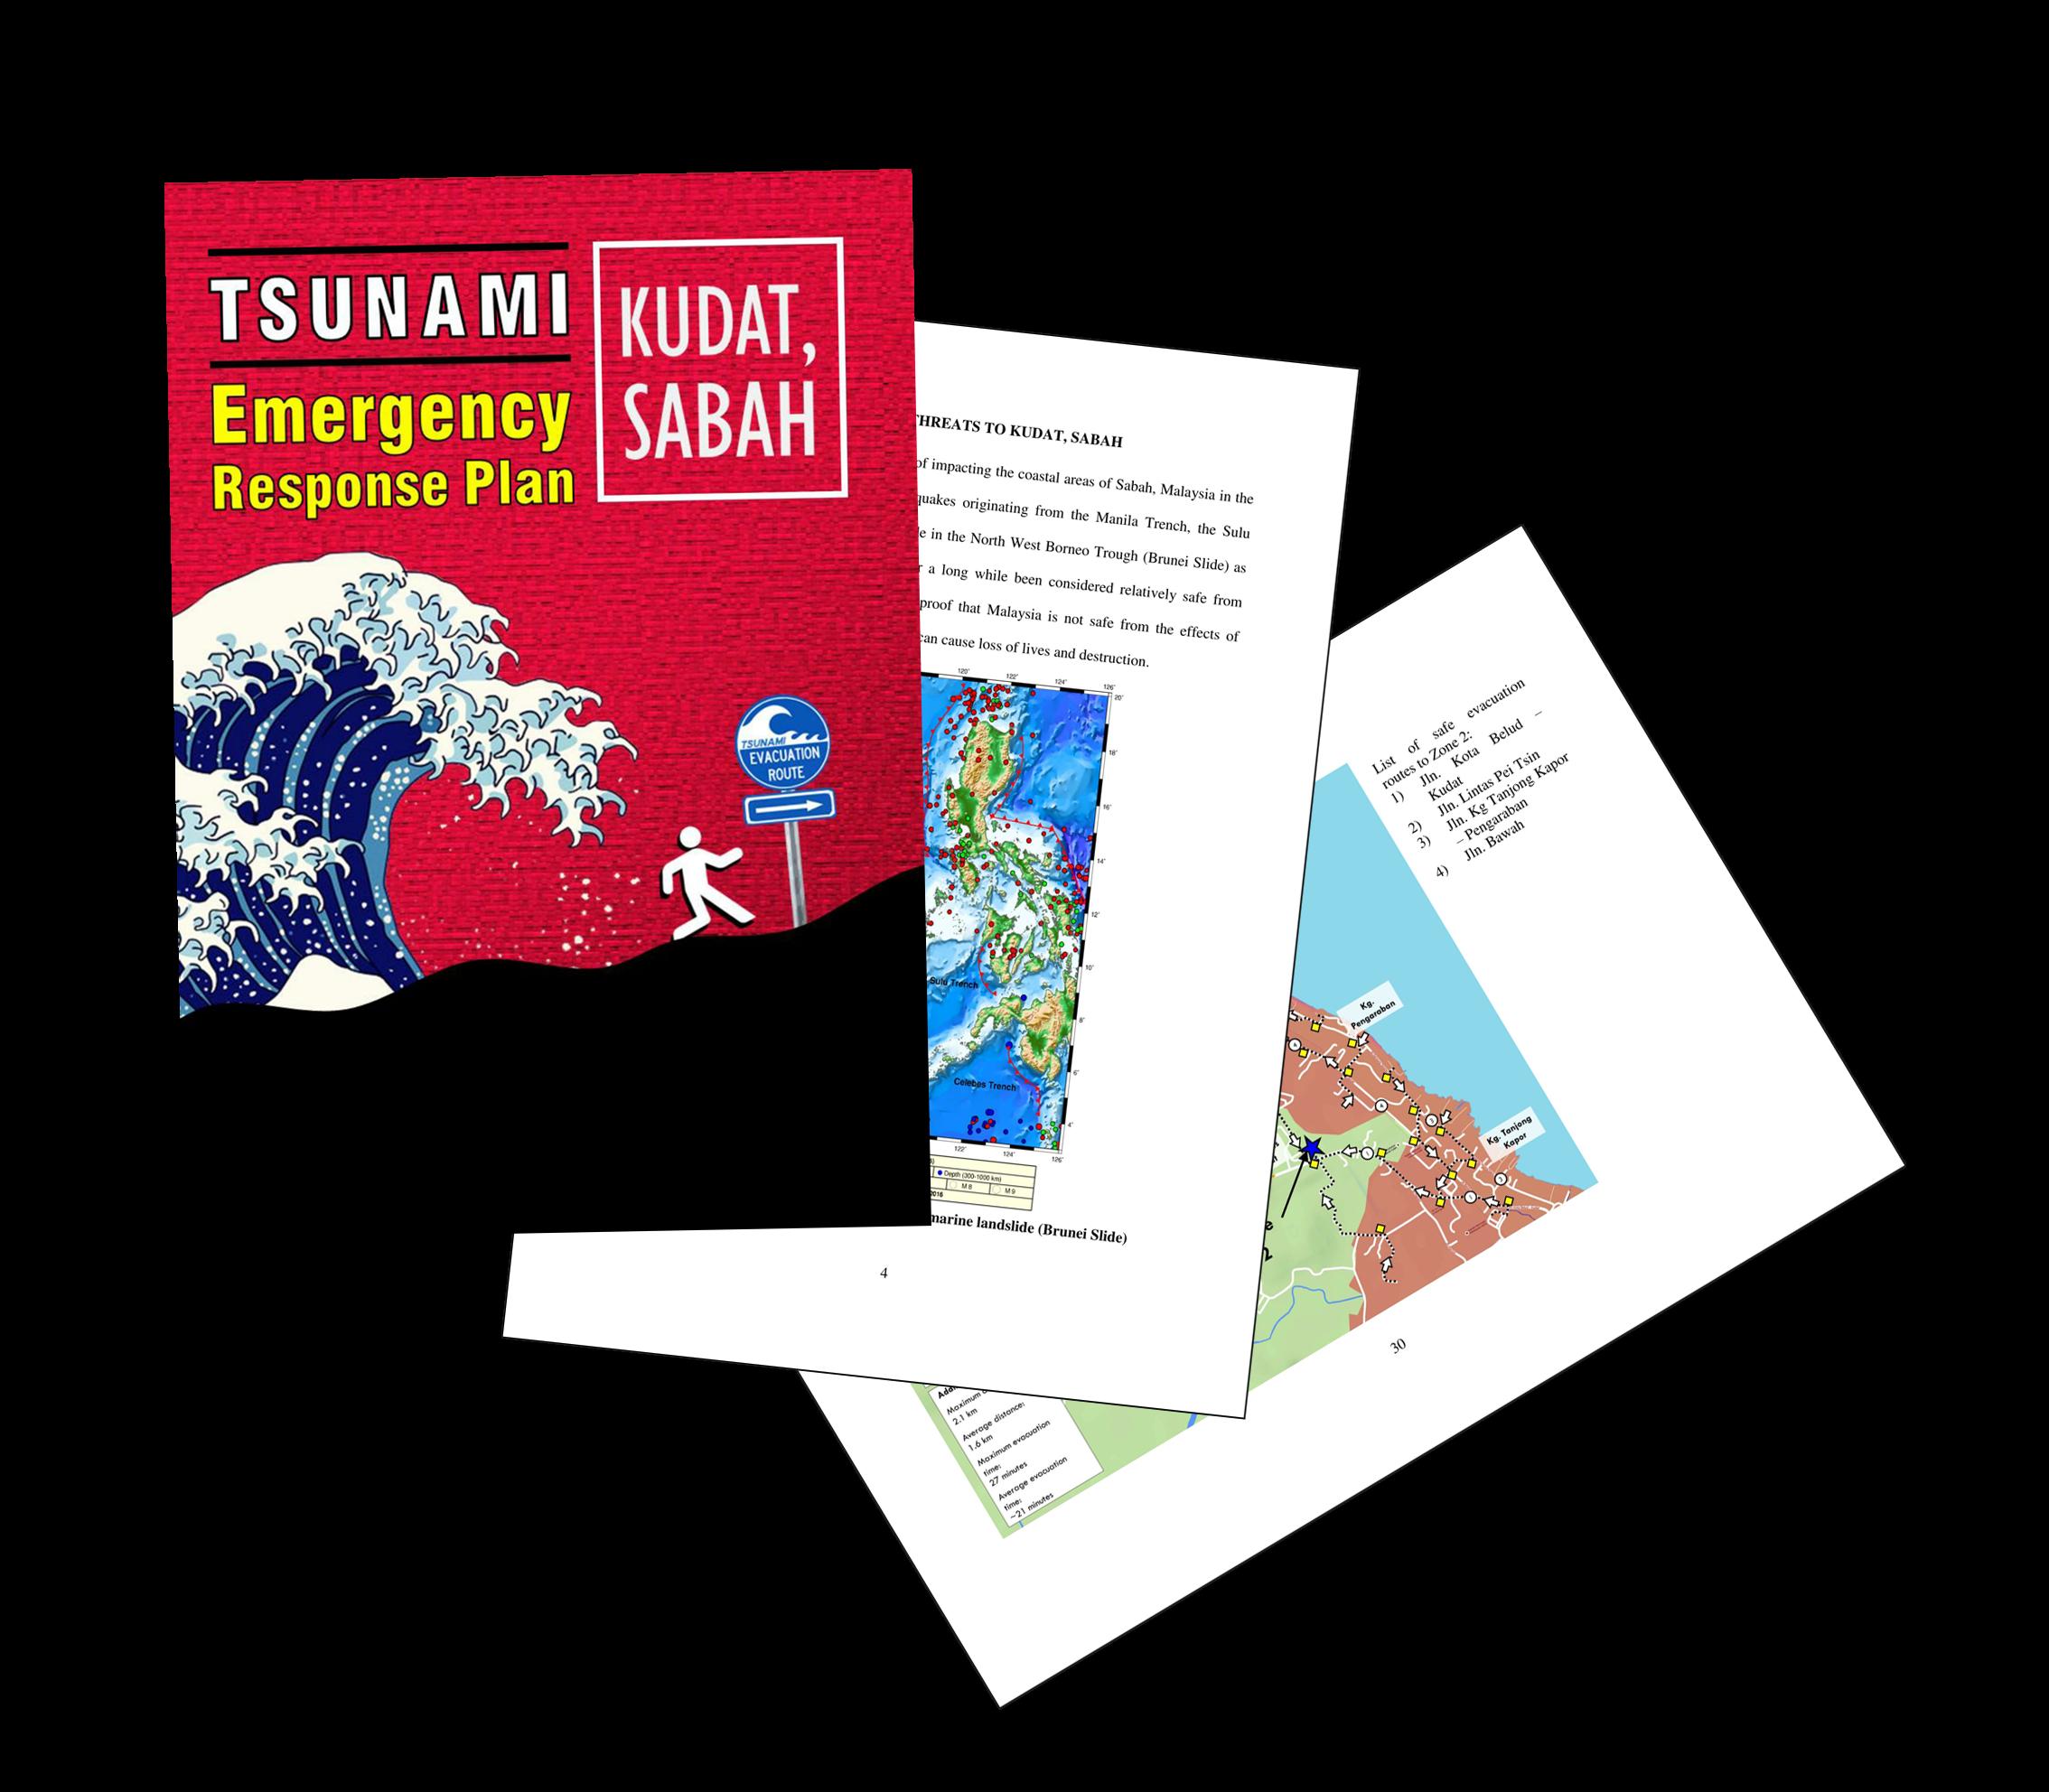 Tsunami Emergency Response Plan (TERP) for Kudat, Sabah